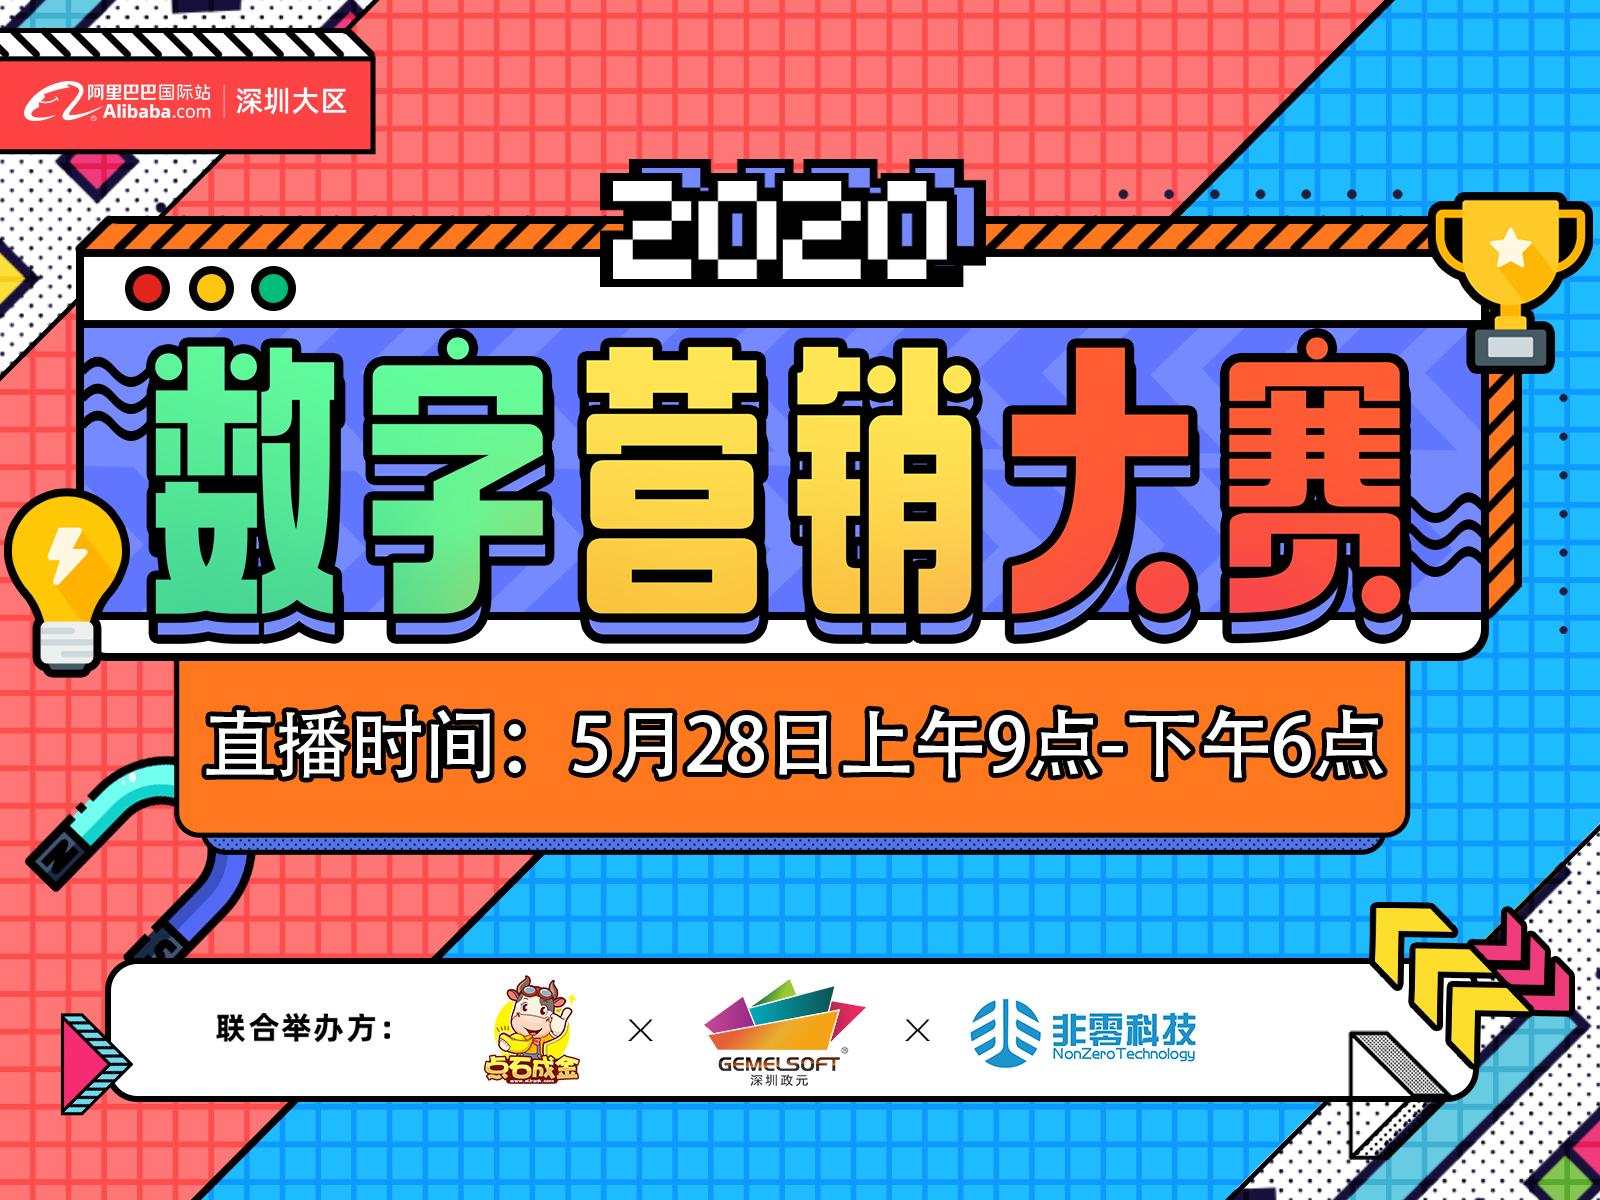 阿里巴巴国际站深圳大区《数字营销大赛》东莞区域决赛